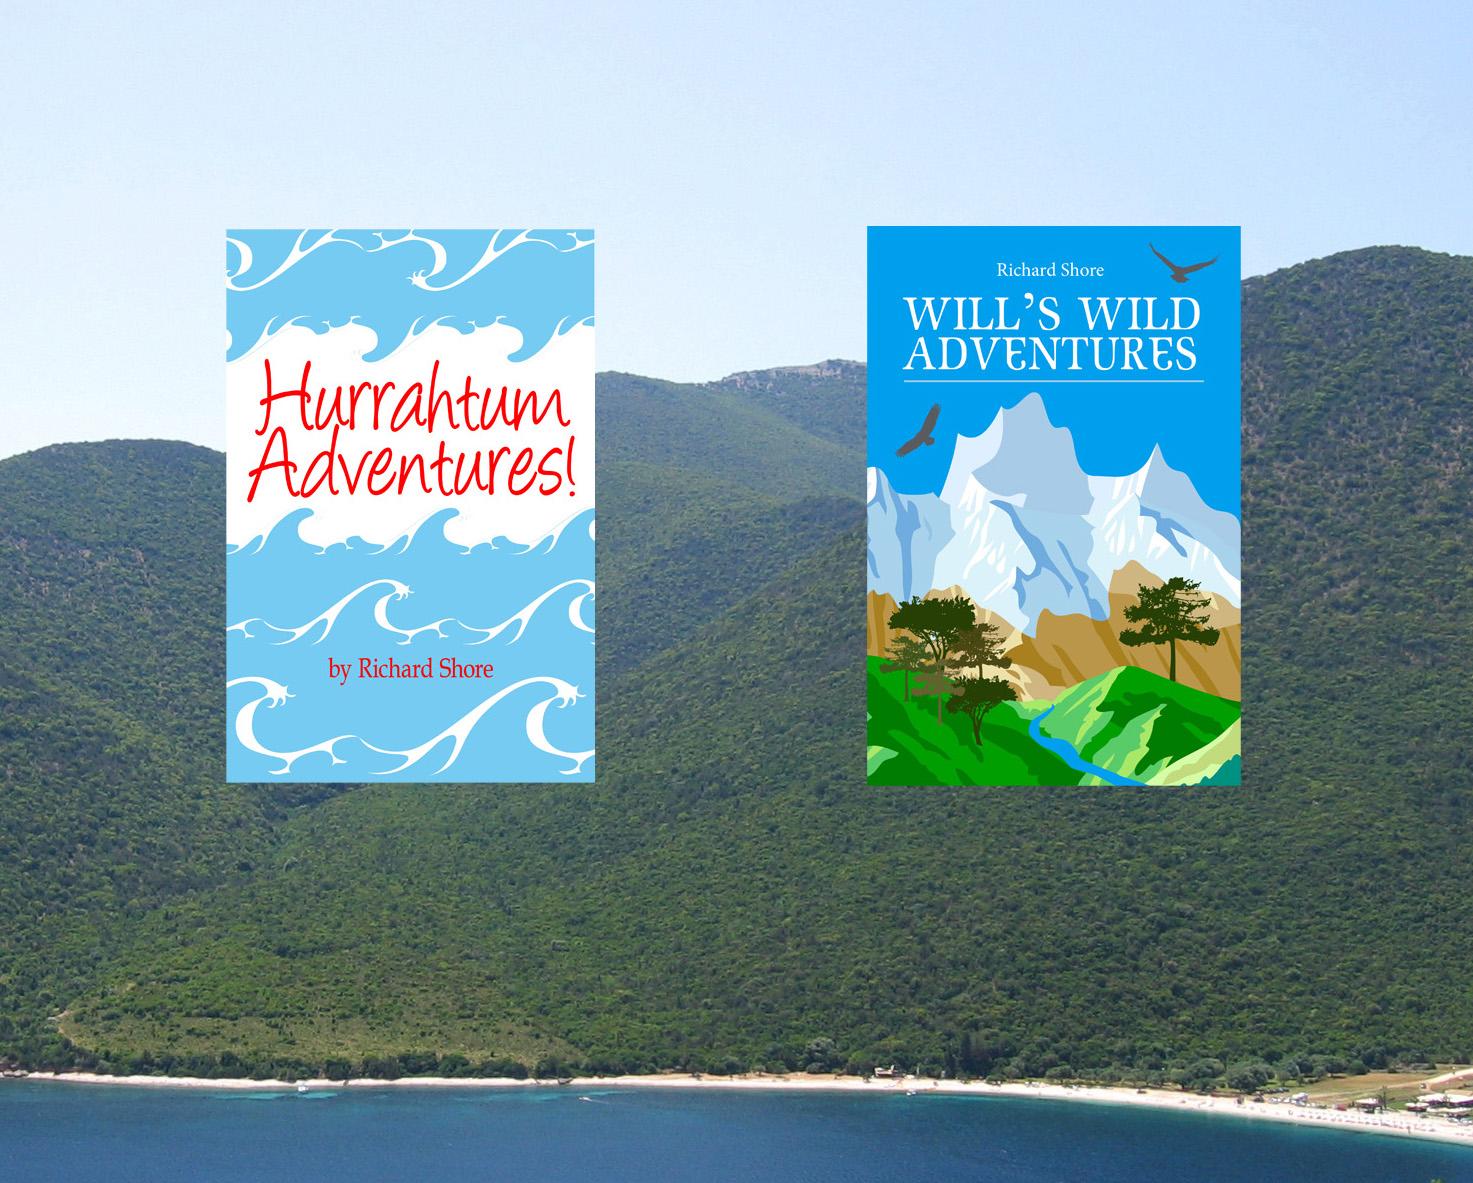 Richard Shore on Hurrahtum & Will's Wild Adventures